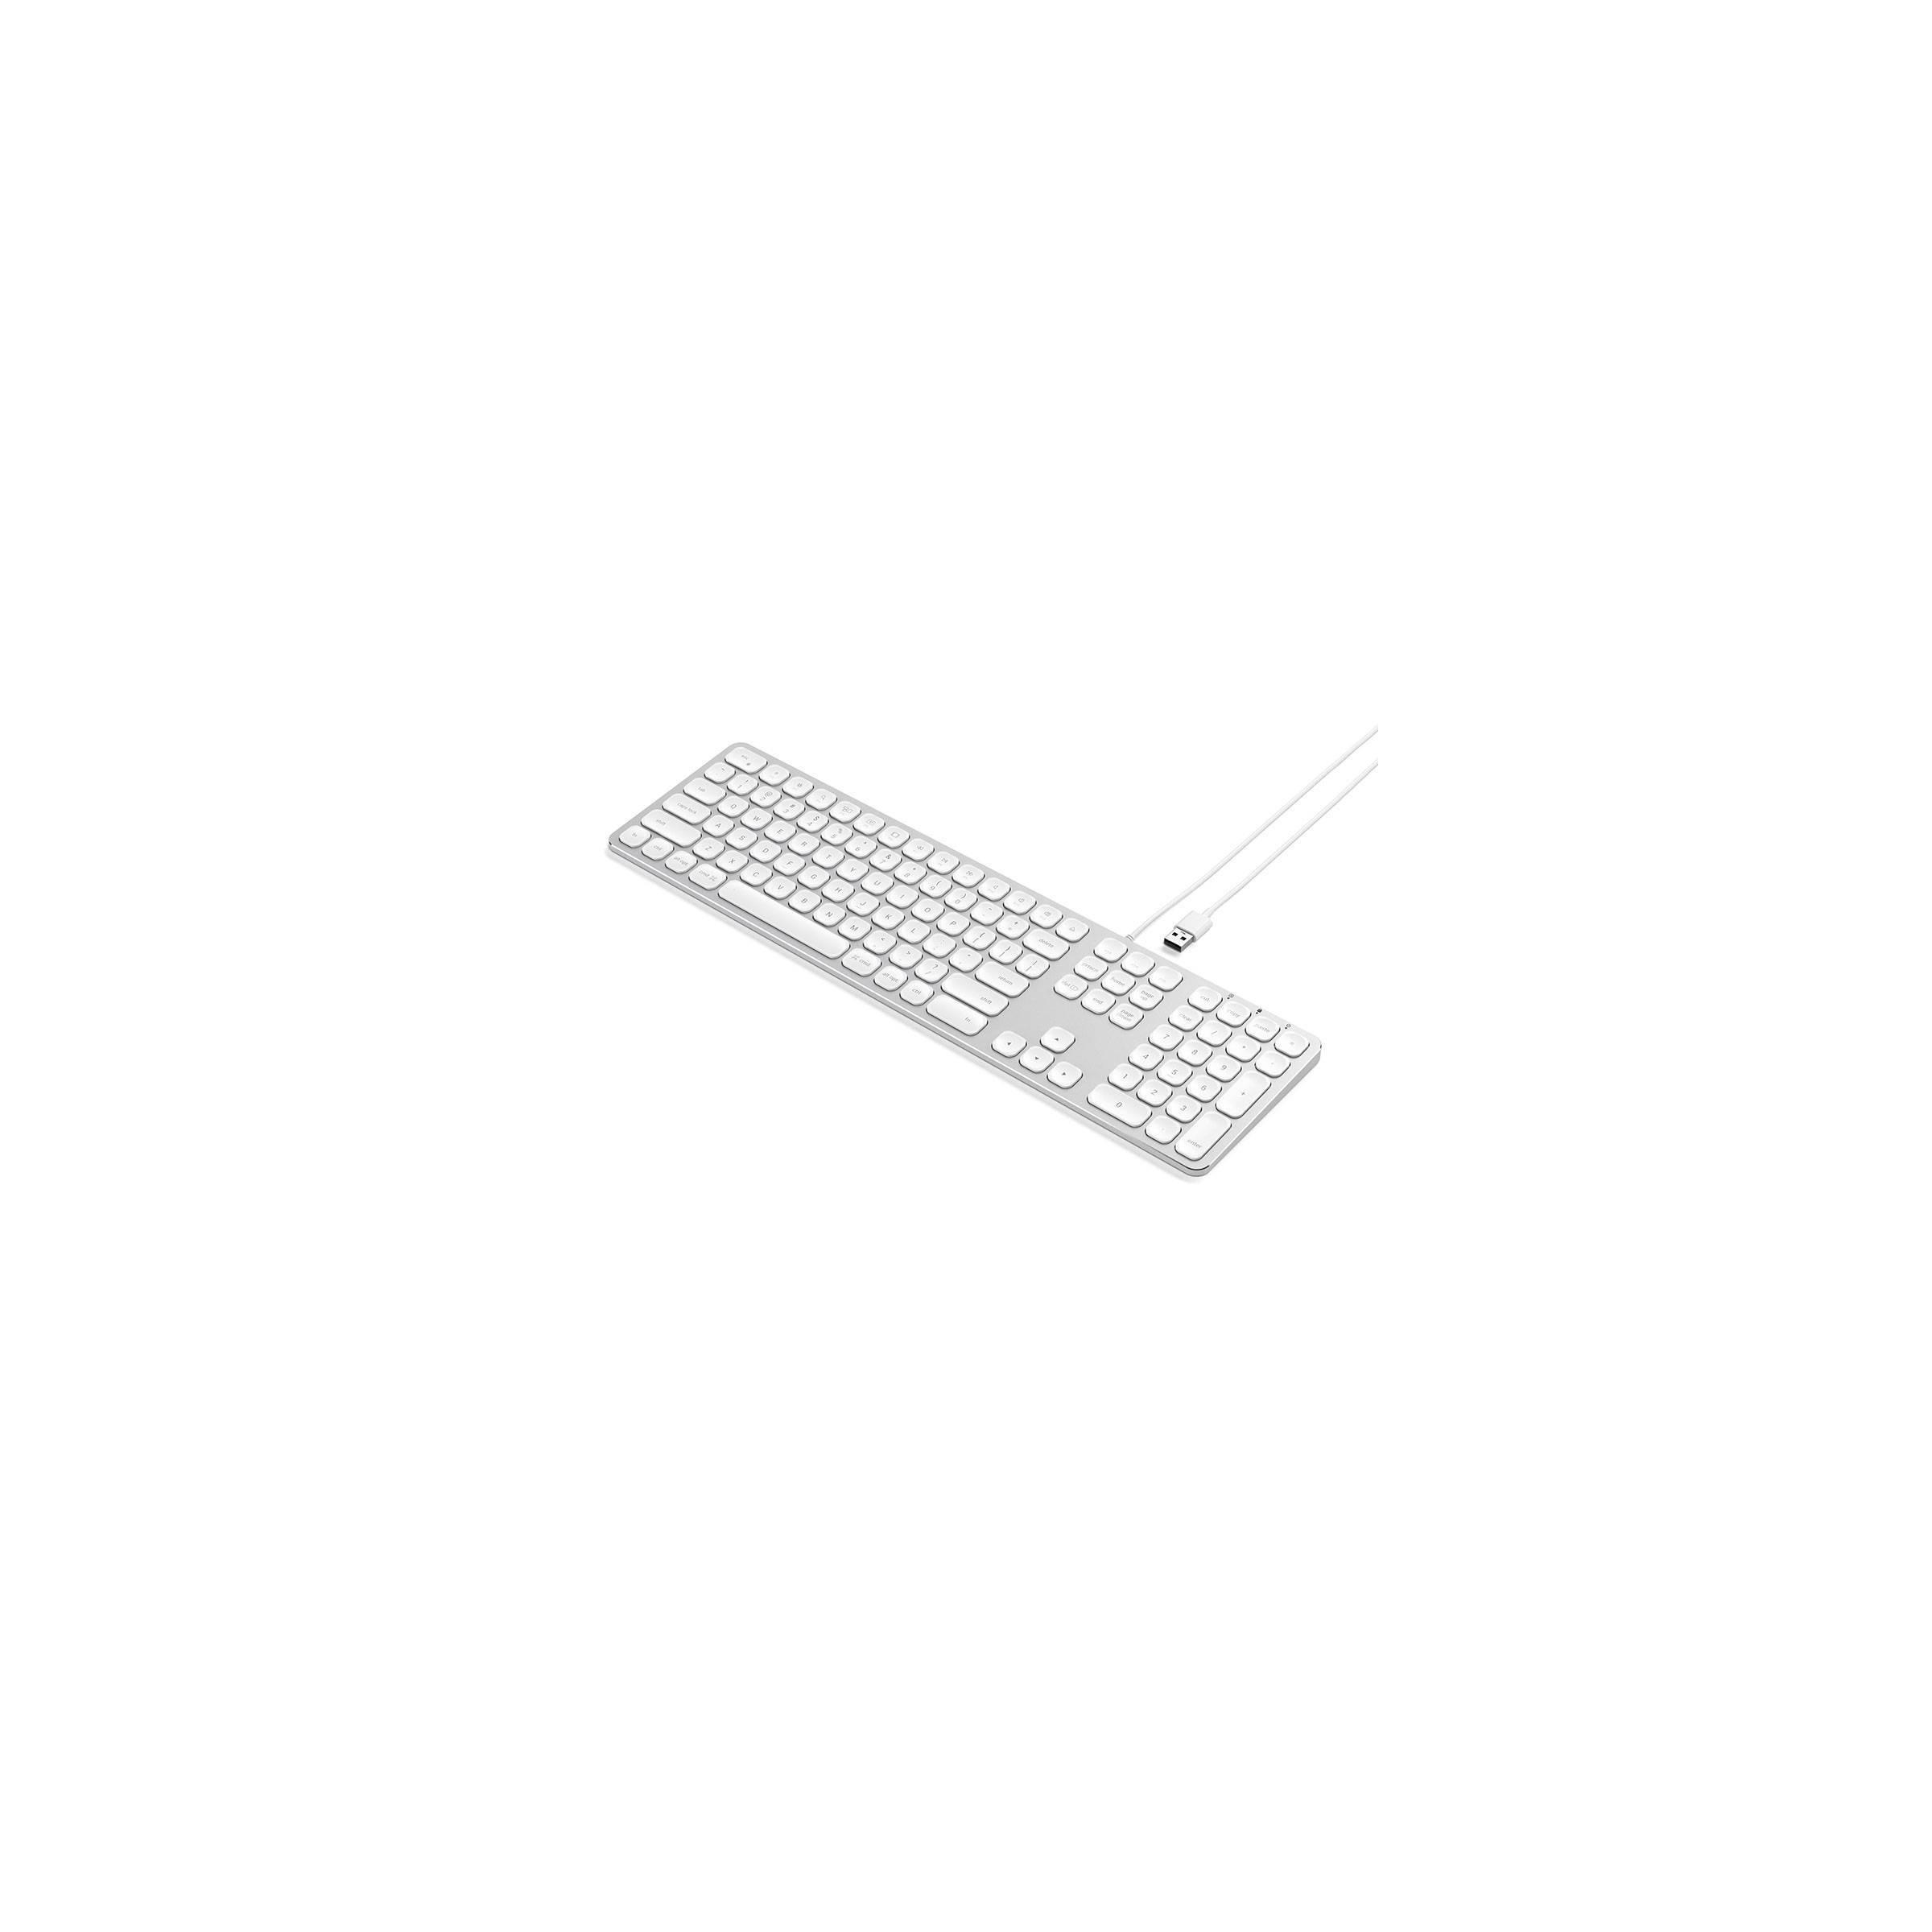 satechi – Satechi-tastatur med usb lavet til mac - nordic layout (æøå) farve sølv farve på mackabler.dk